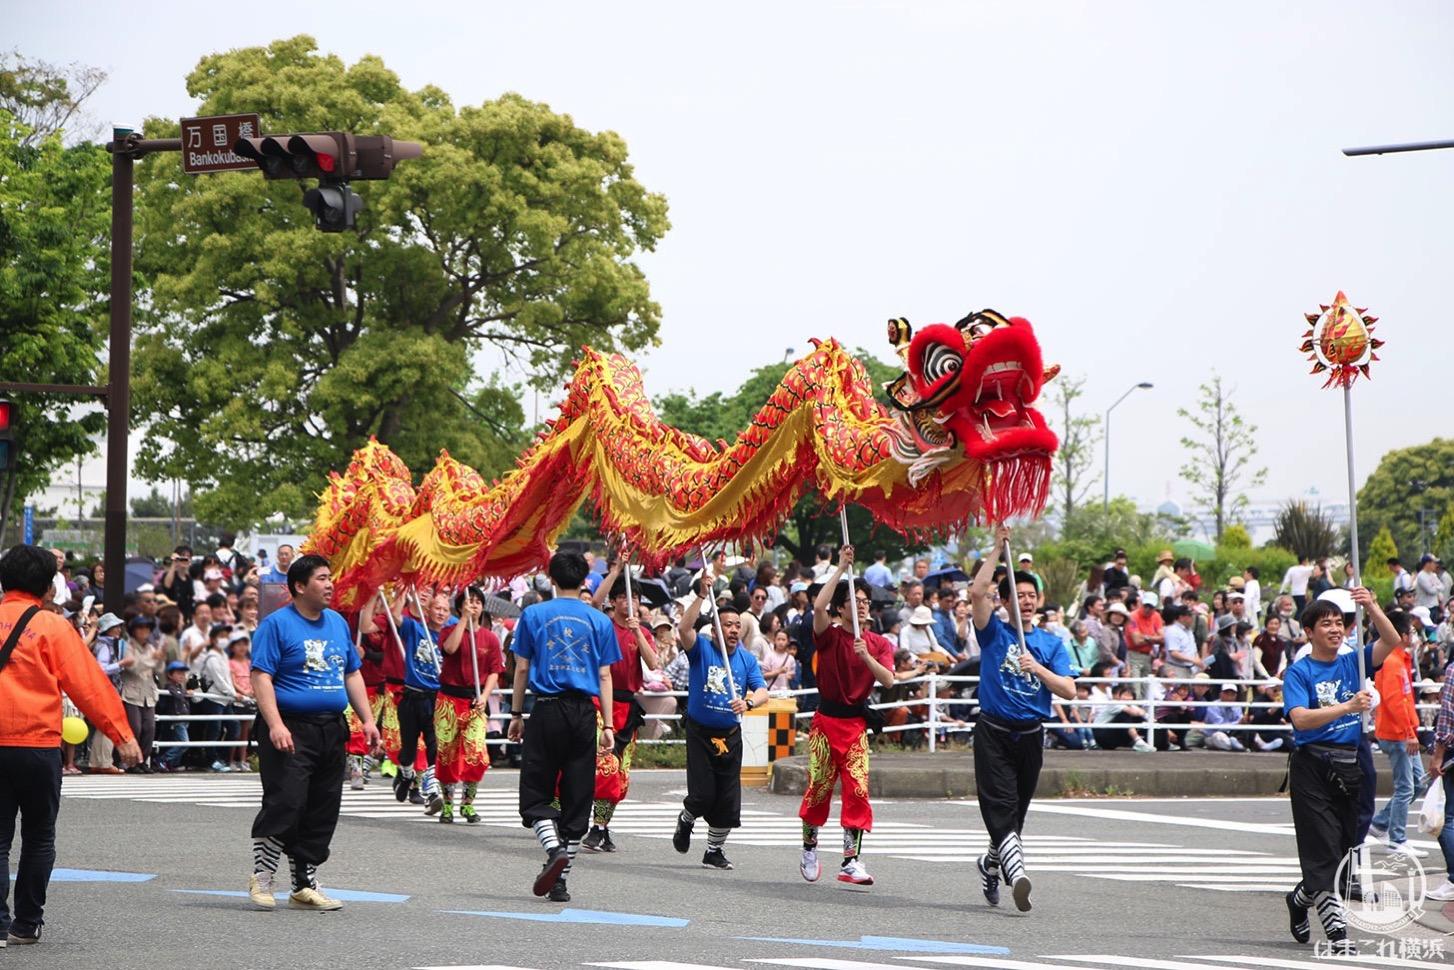 国際仮装行列「ザ よこはまパレード」龍舞